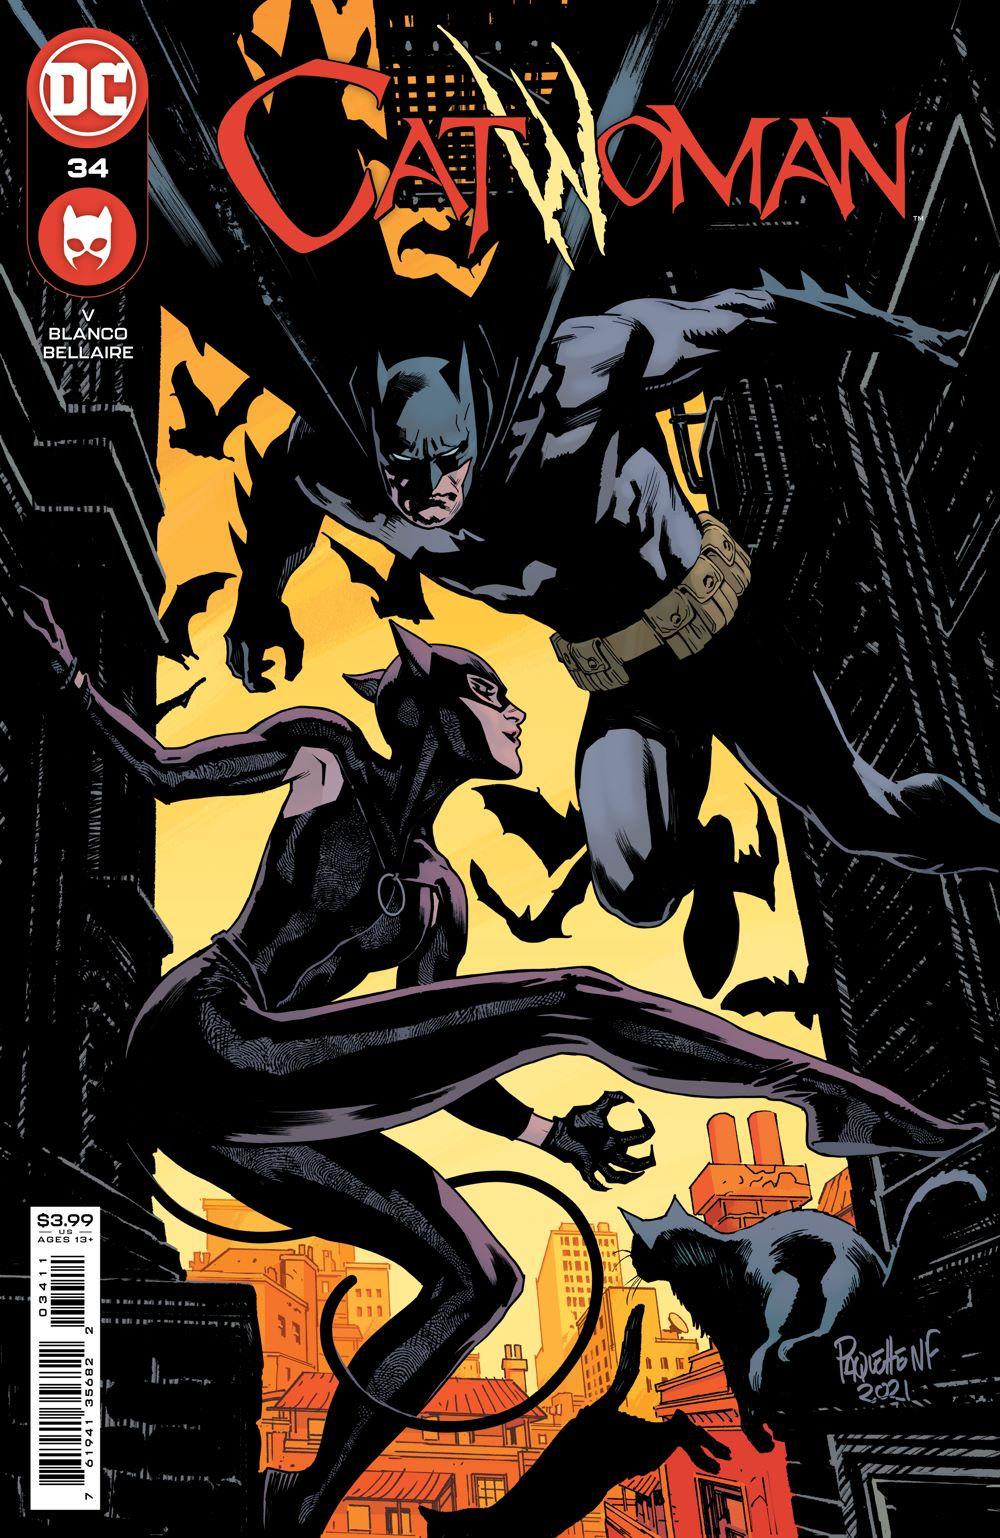 CATWOMAN_Cv34 DC Comics August 2021 Solicitations